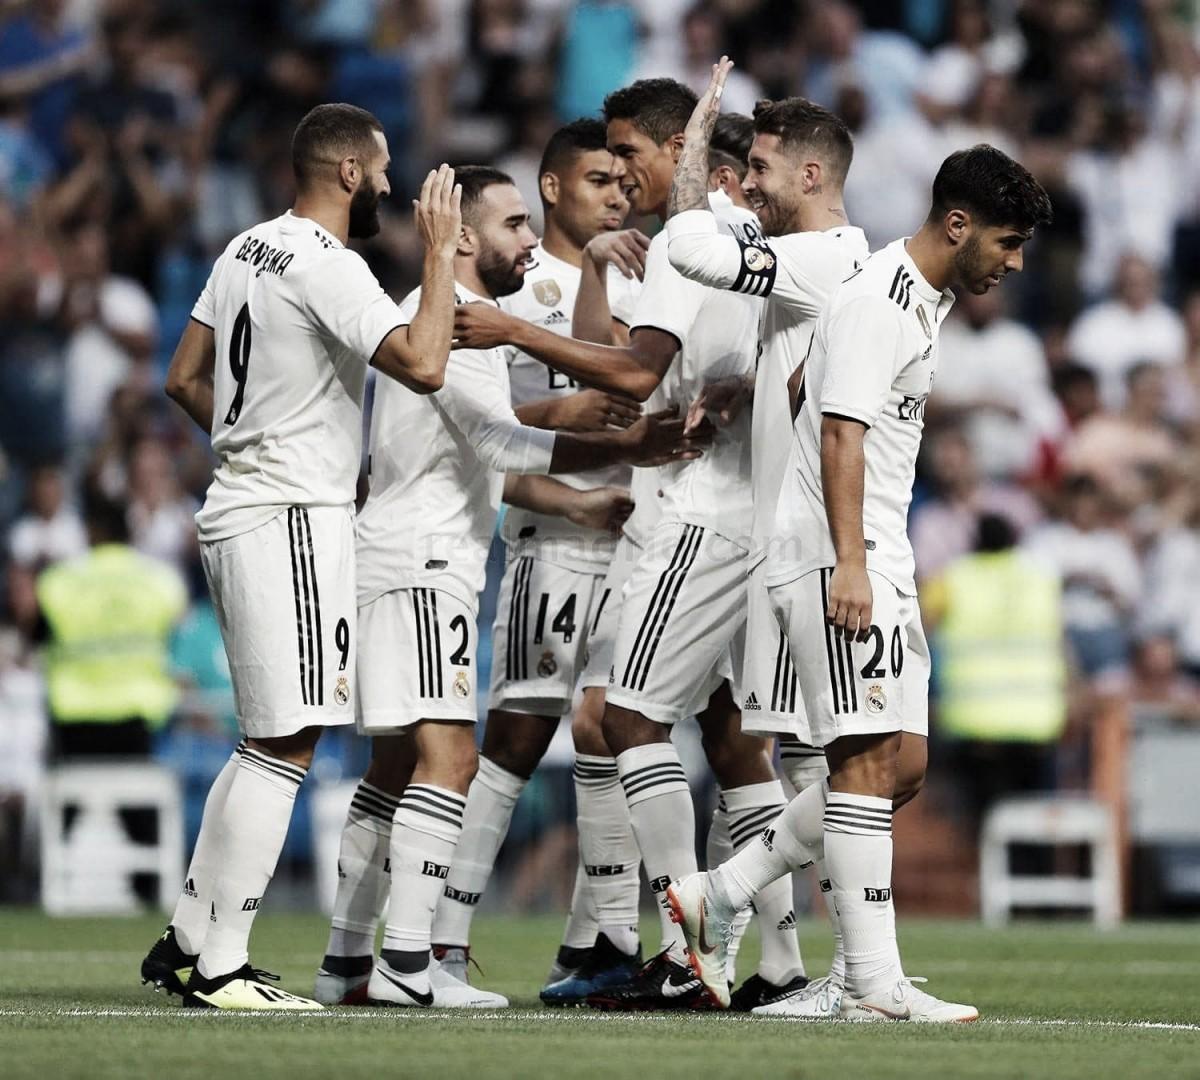 Análisis post partido: victoria, buenas sensaciones y por la Supercopa